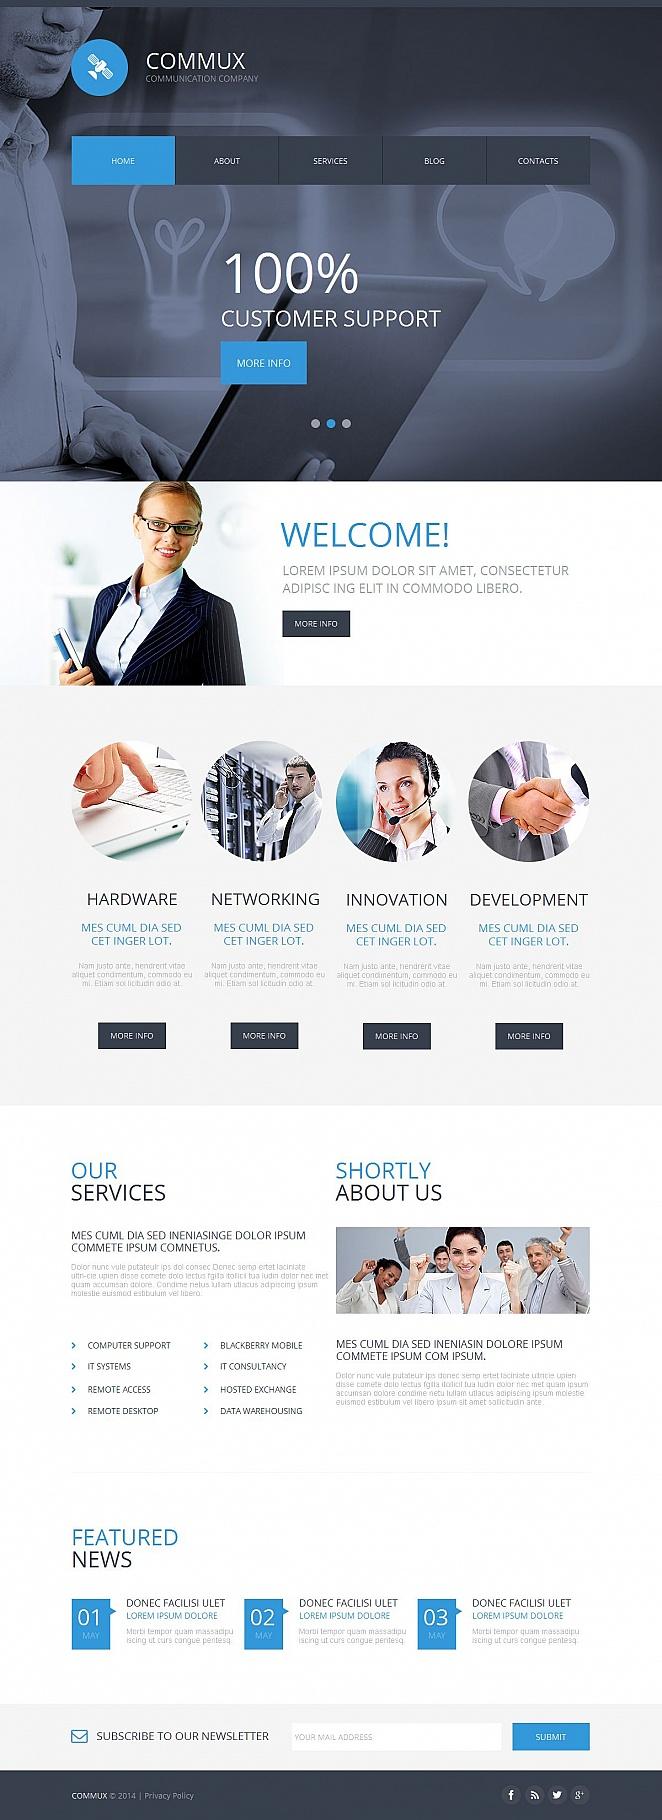 MotoCMS HTML Szablon #51067 z kategorii Komunikacja - image